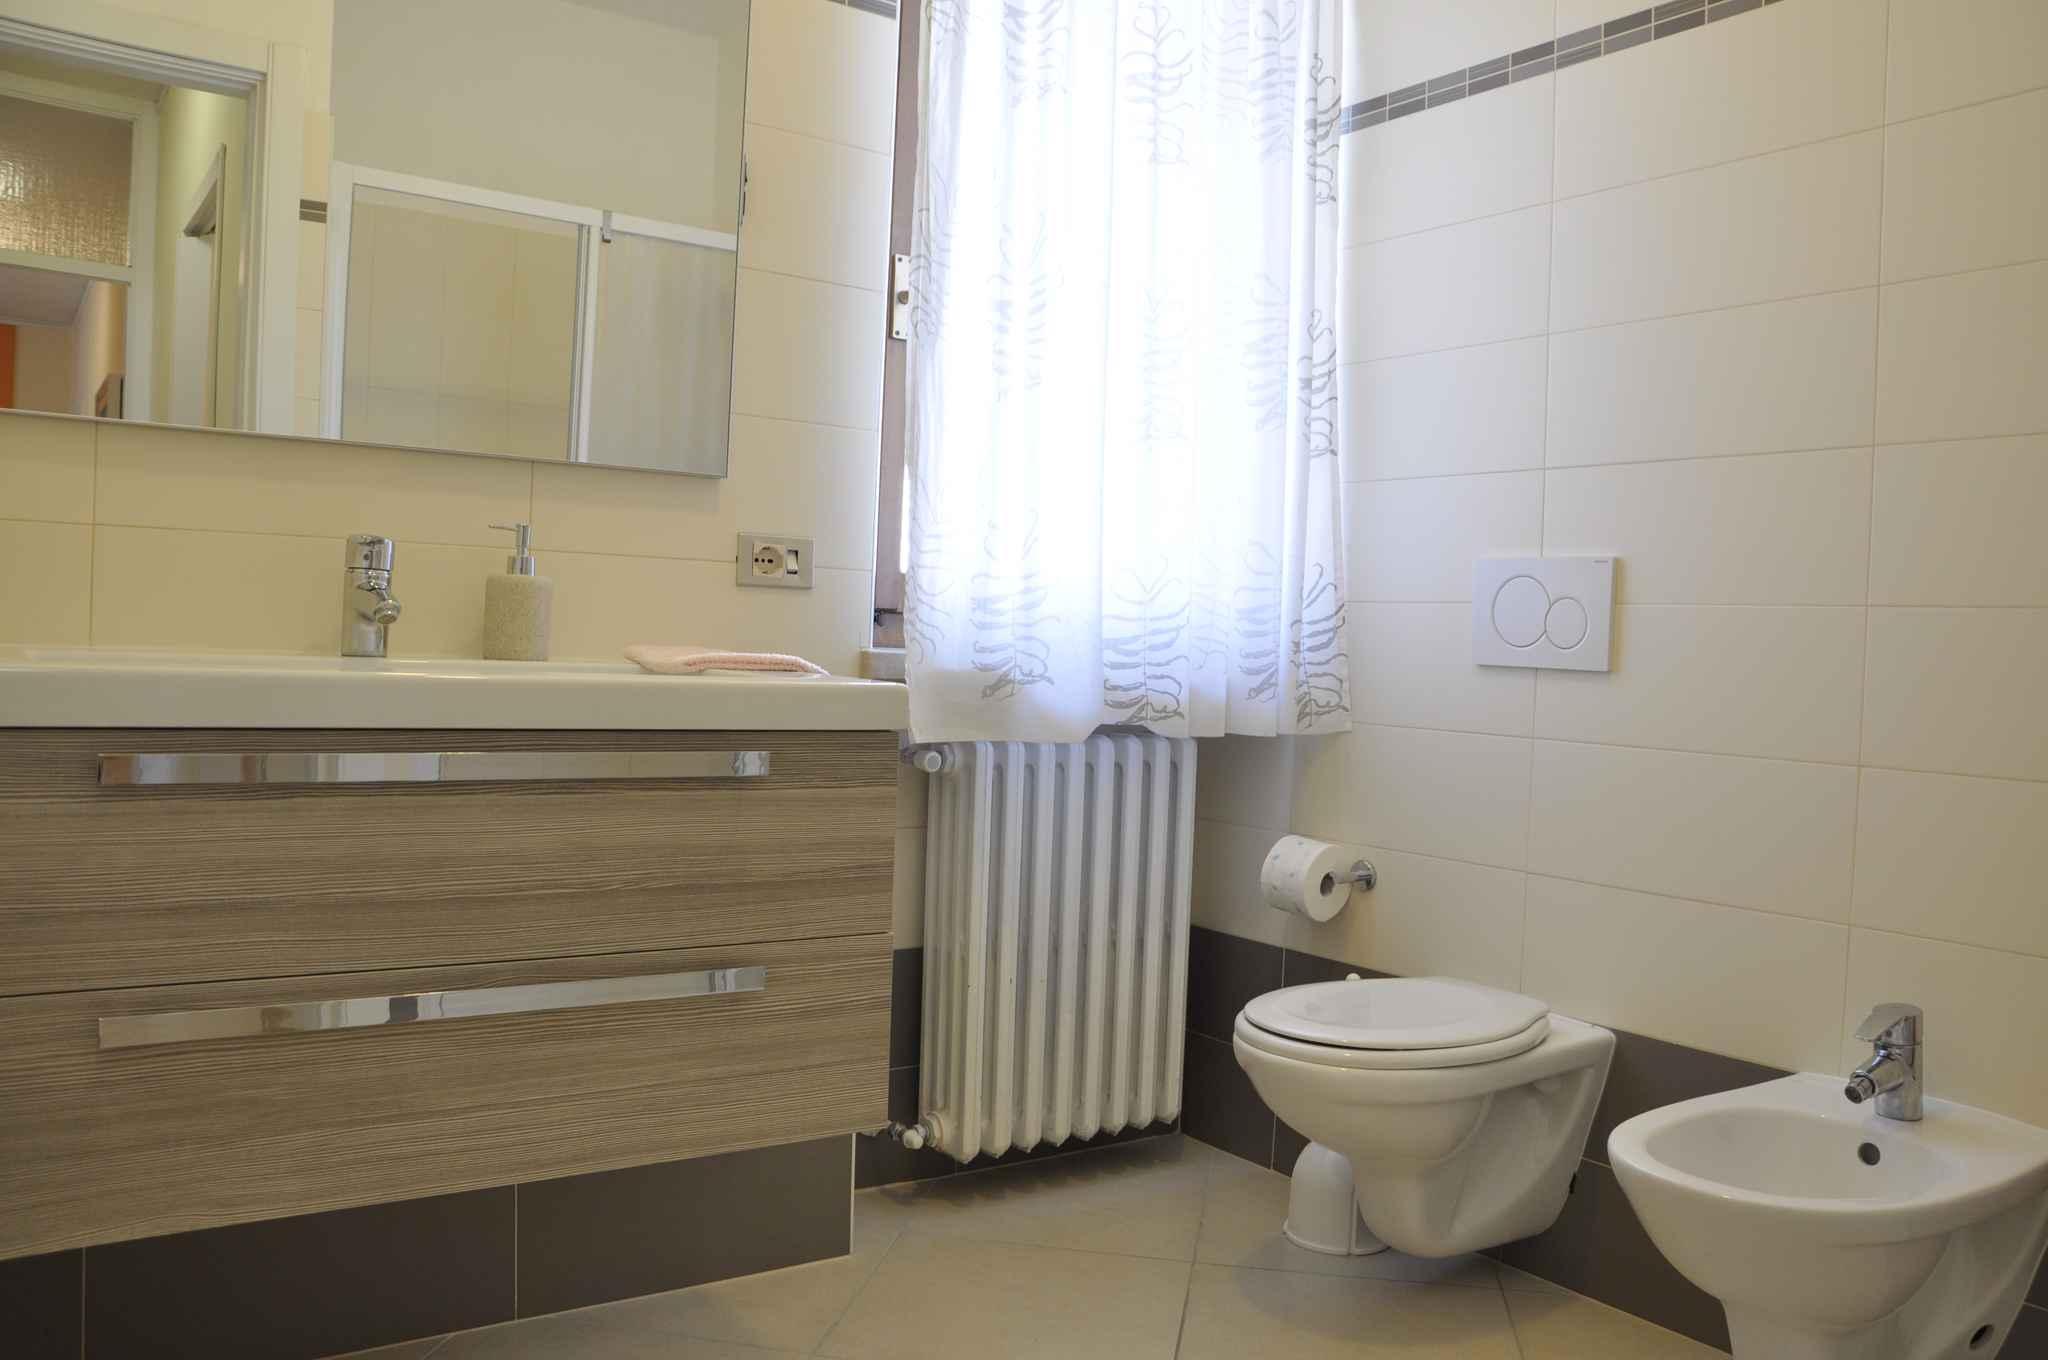 Ferienwohnung con piscina (279614), Lazise, Gardasee, Venetien, Italien, Bild 20